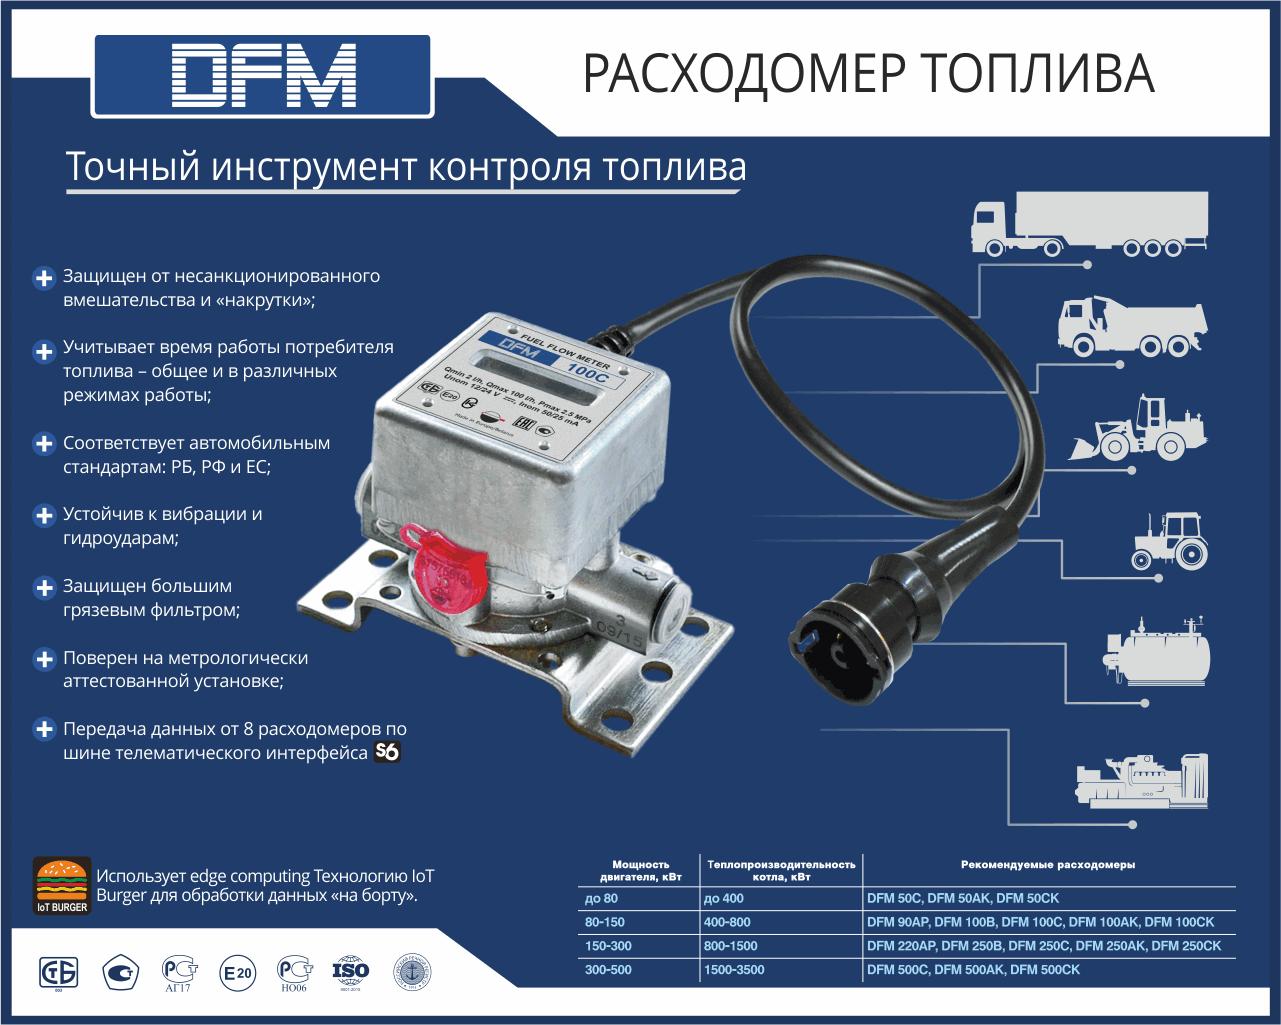 Преимущества расходомеров DFM